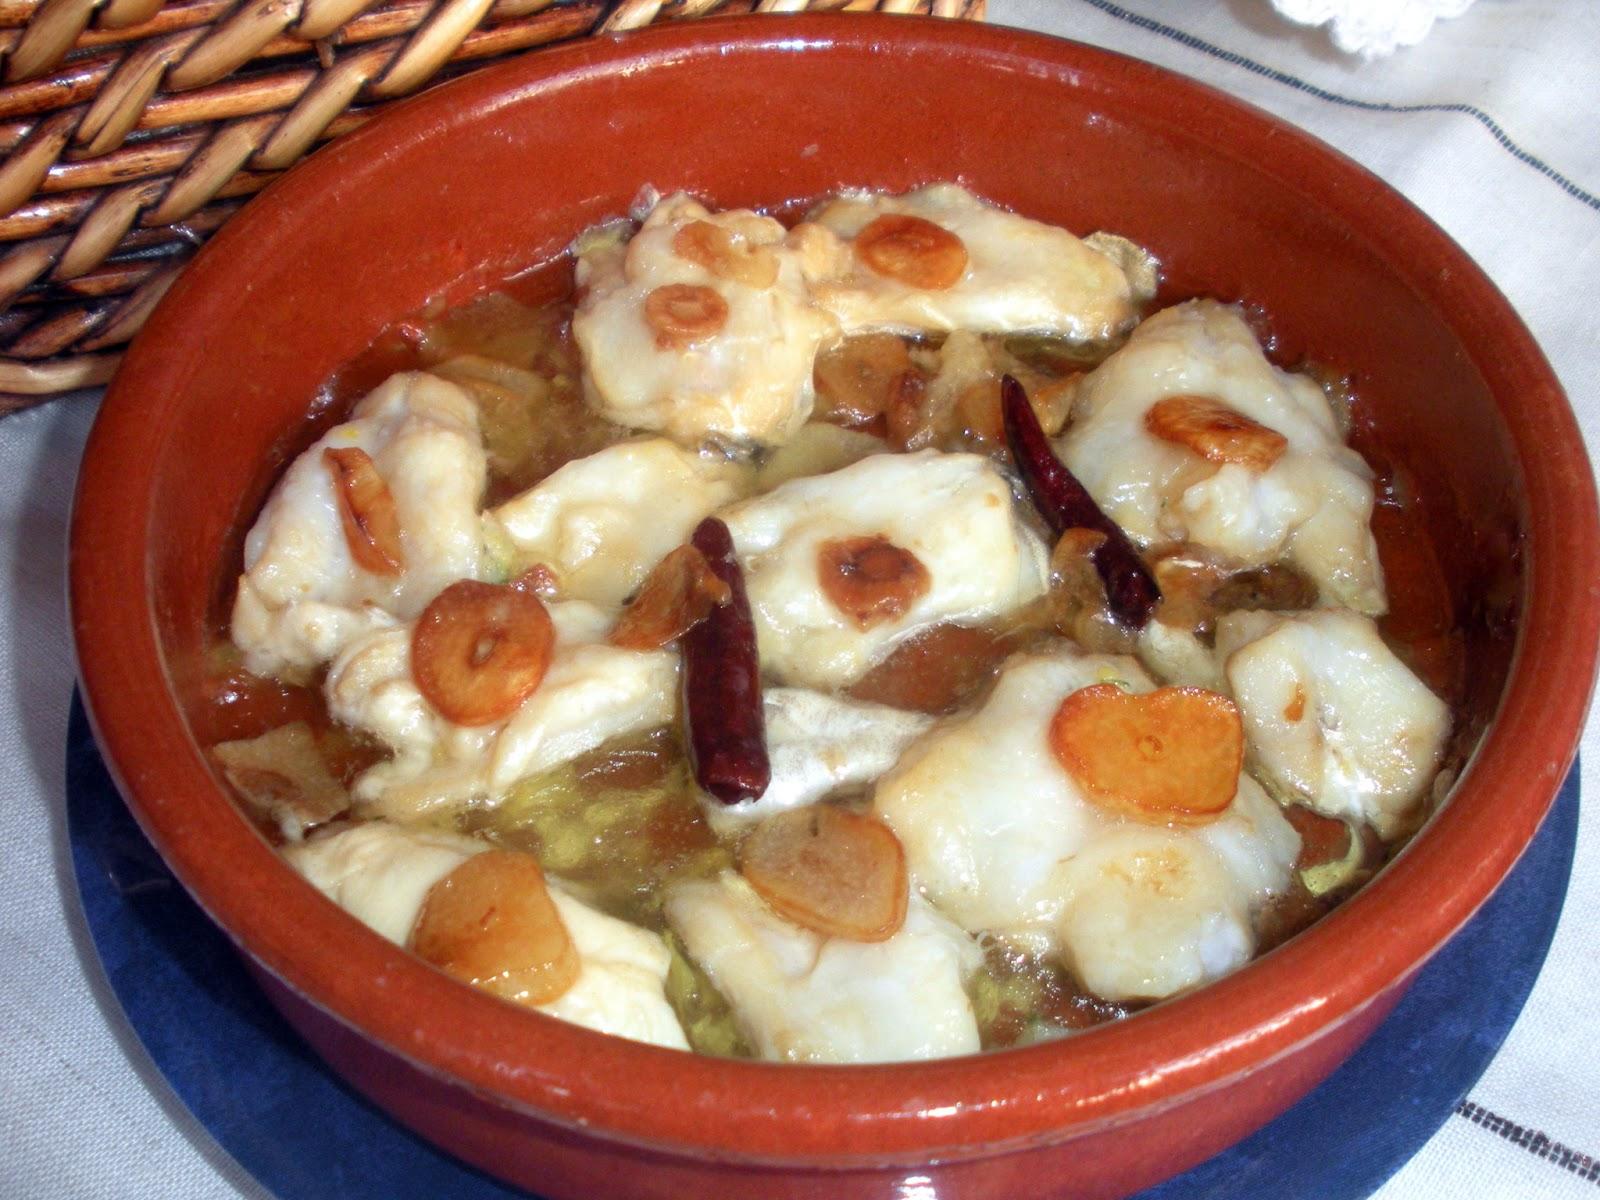 aqu se cocina cocochas de bacalao al ajillo